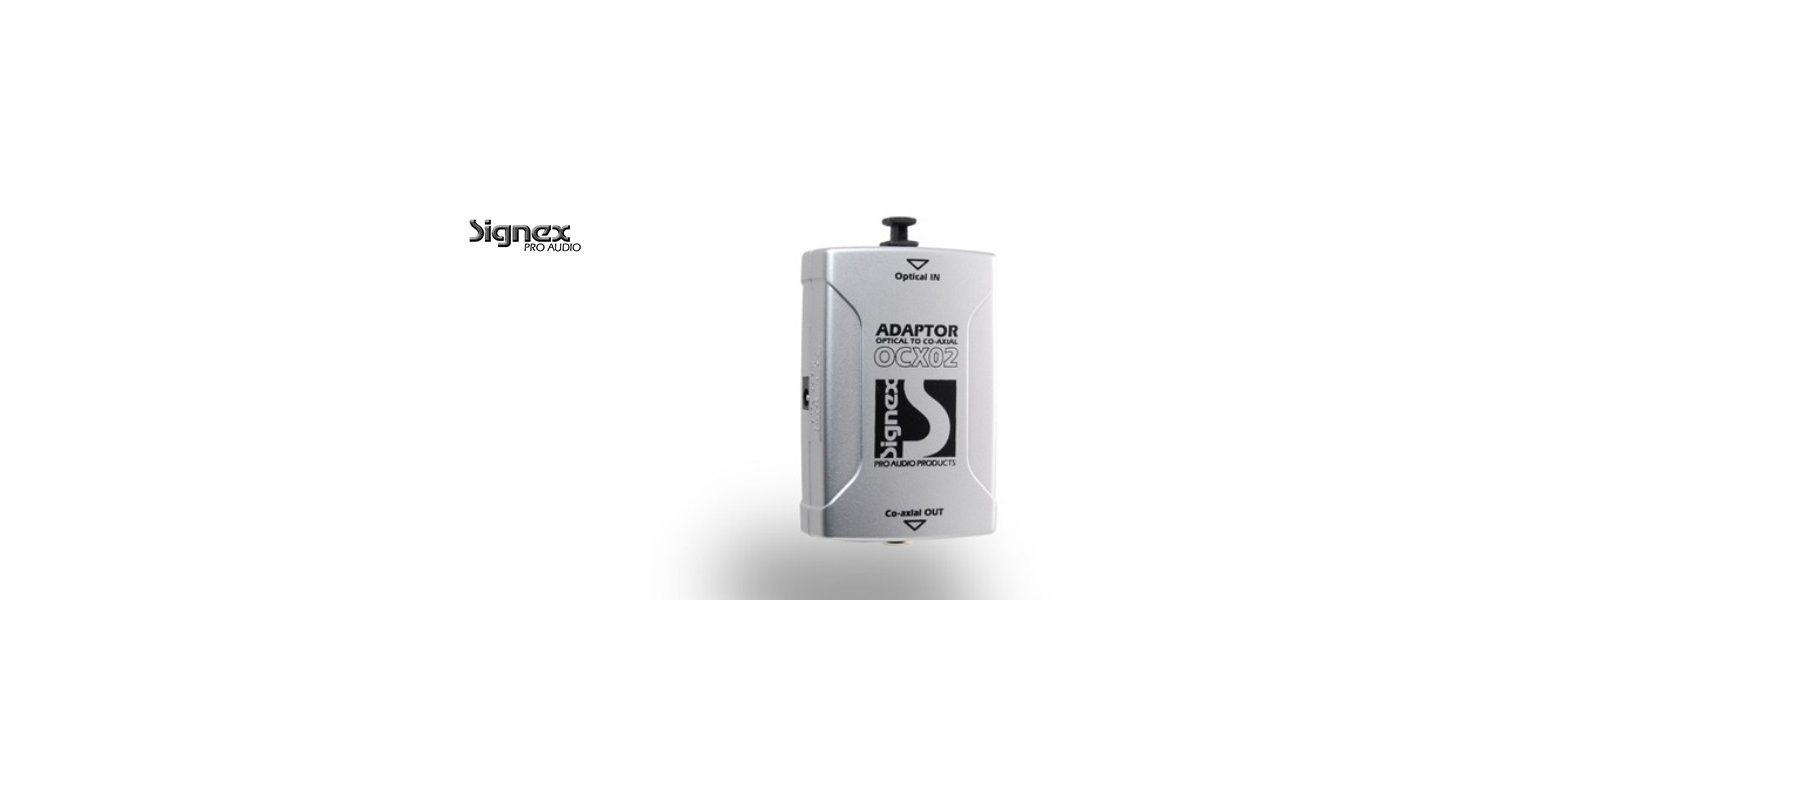 Signex OCX02